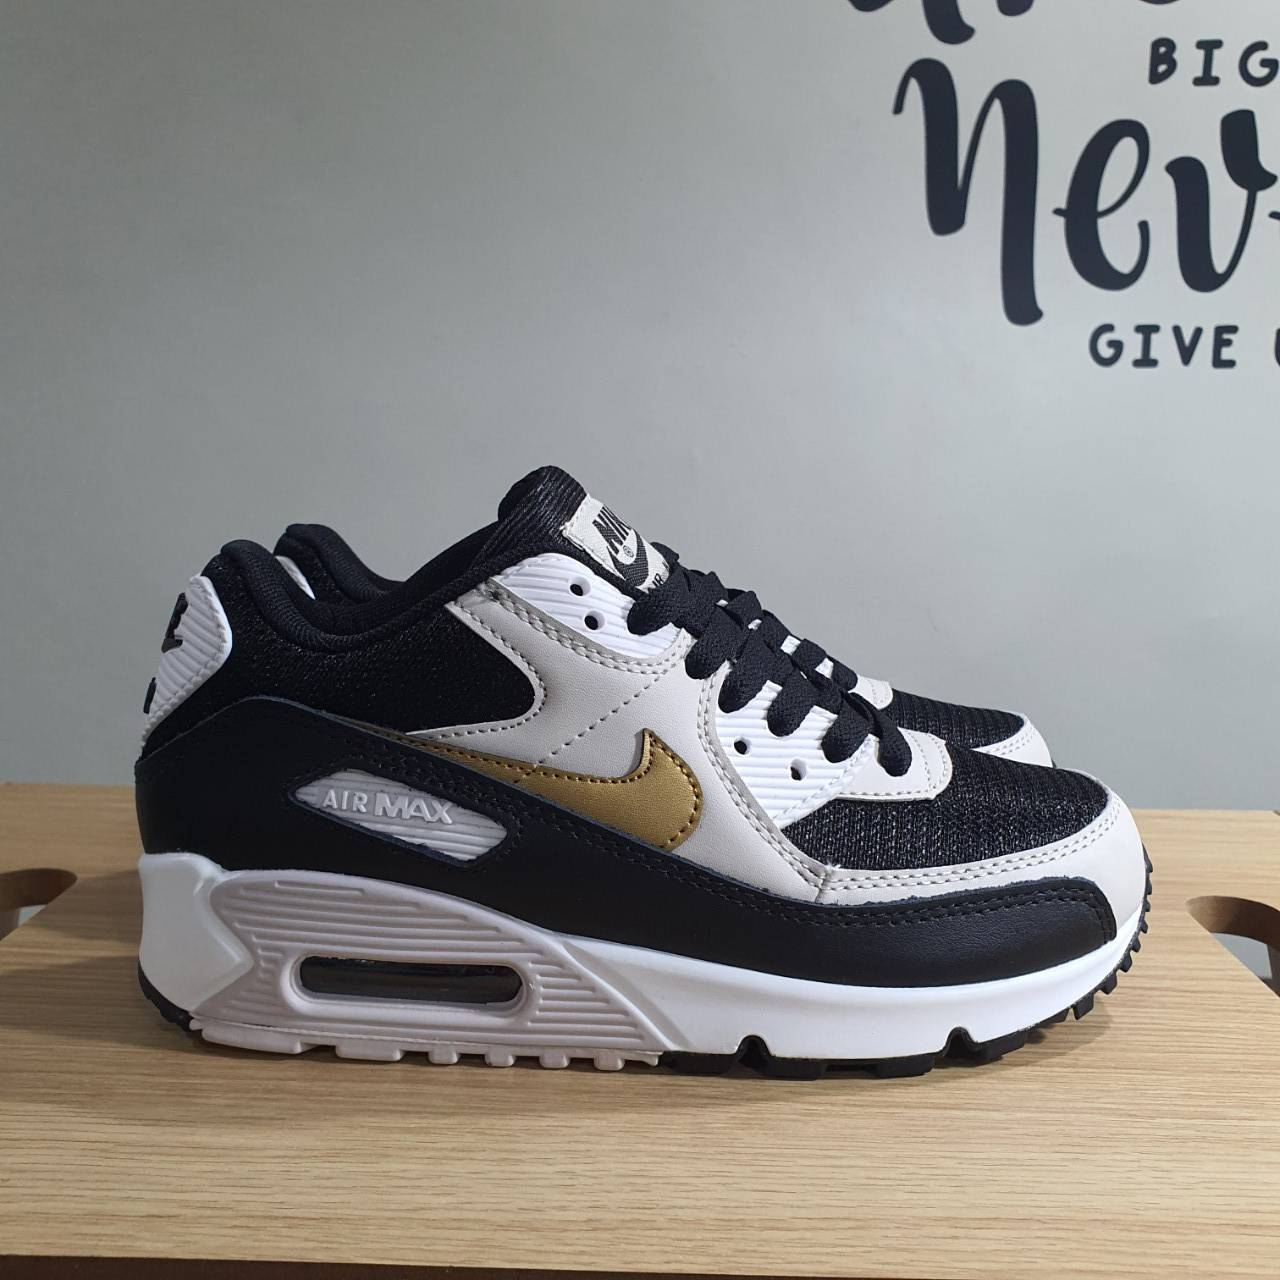 Nike Airmax 90 รองเท้าผ้าใบแฟชั่นสีดํา/สีทอง/สีขาว